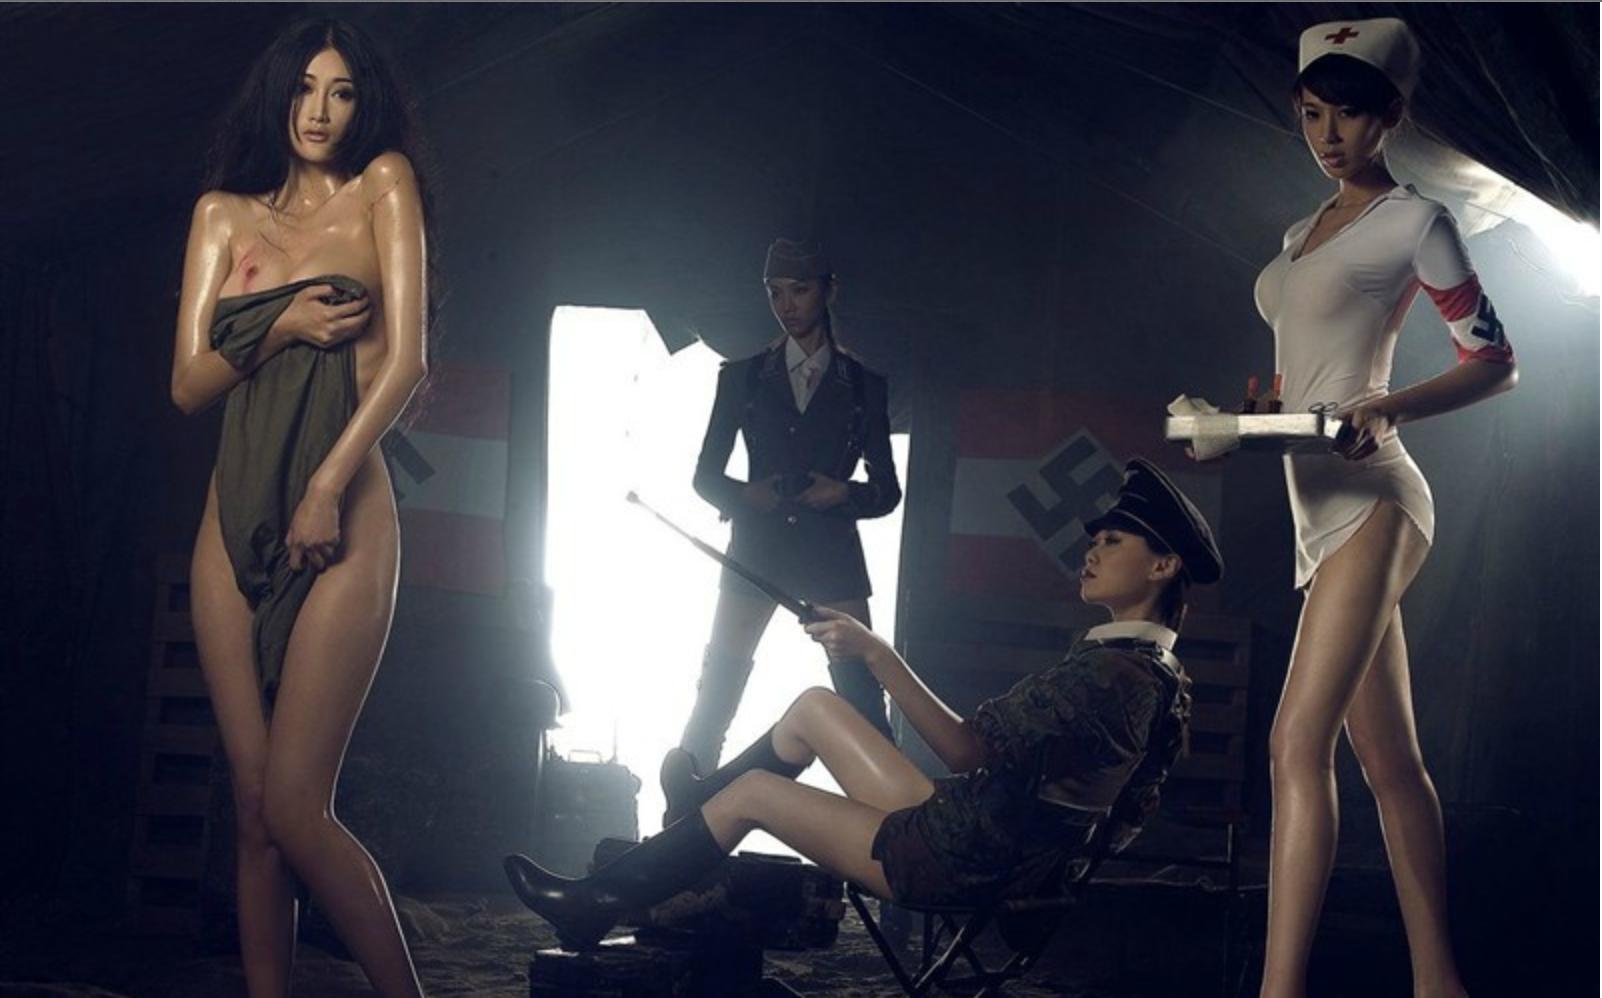 《性感美女演绎另类二战》中的模特分别是谁啊?